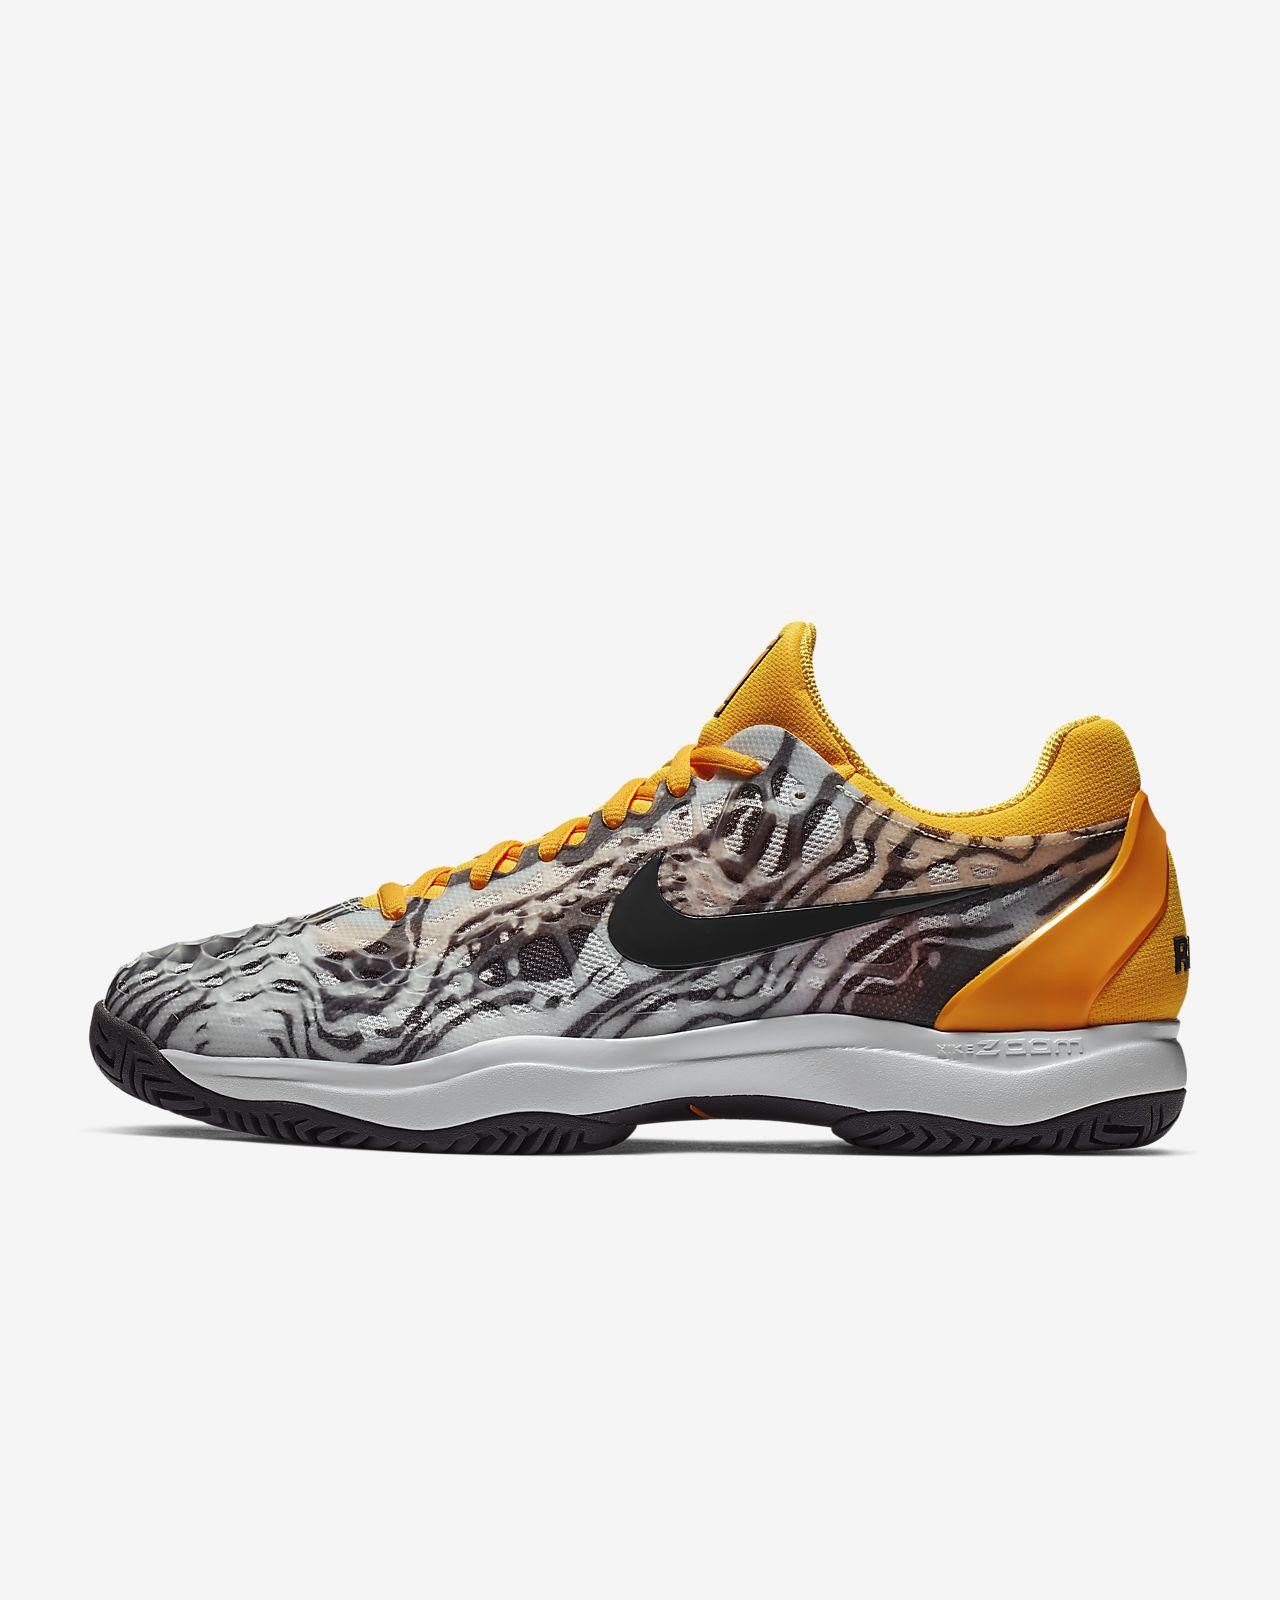 c1db34adf ... Sapatilhas de ténis para piso duro NikeCourt Zoom Cage 3 para homem